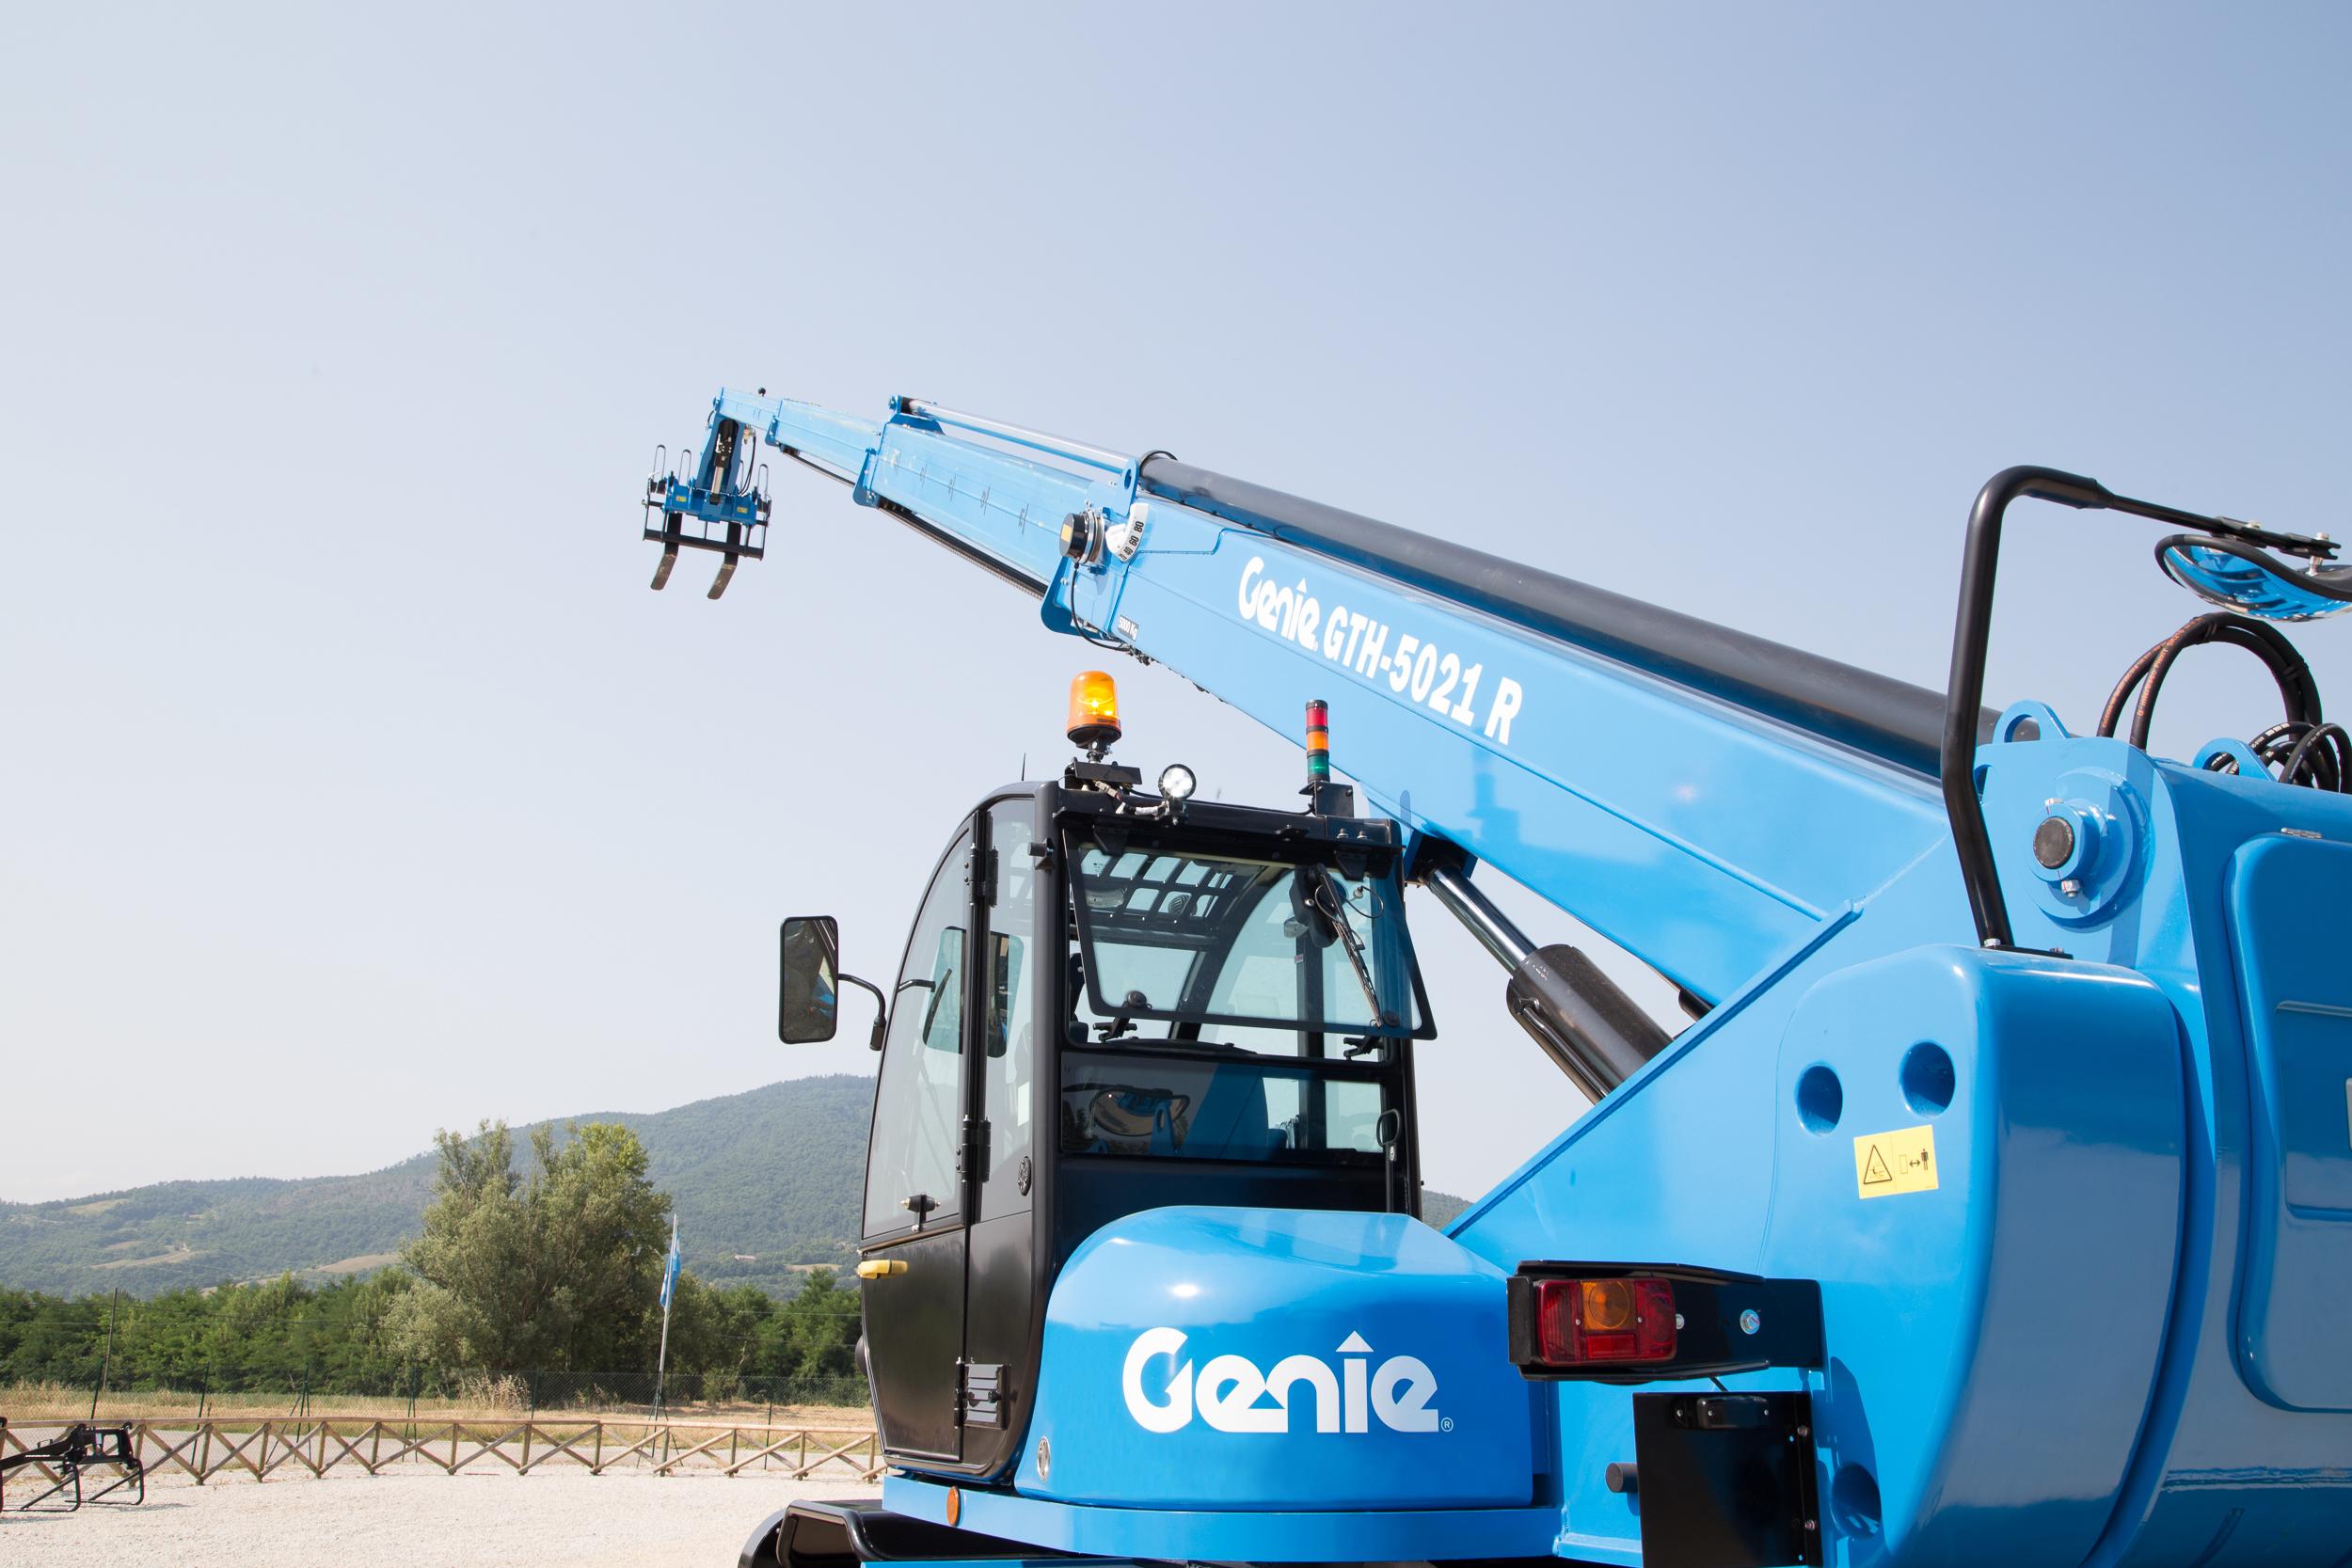 gth 5021r-17